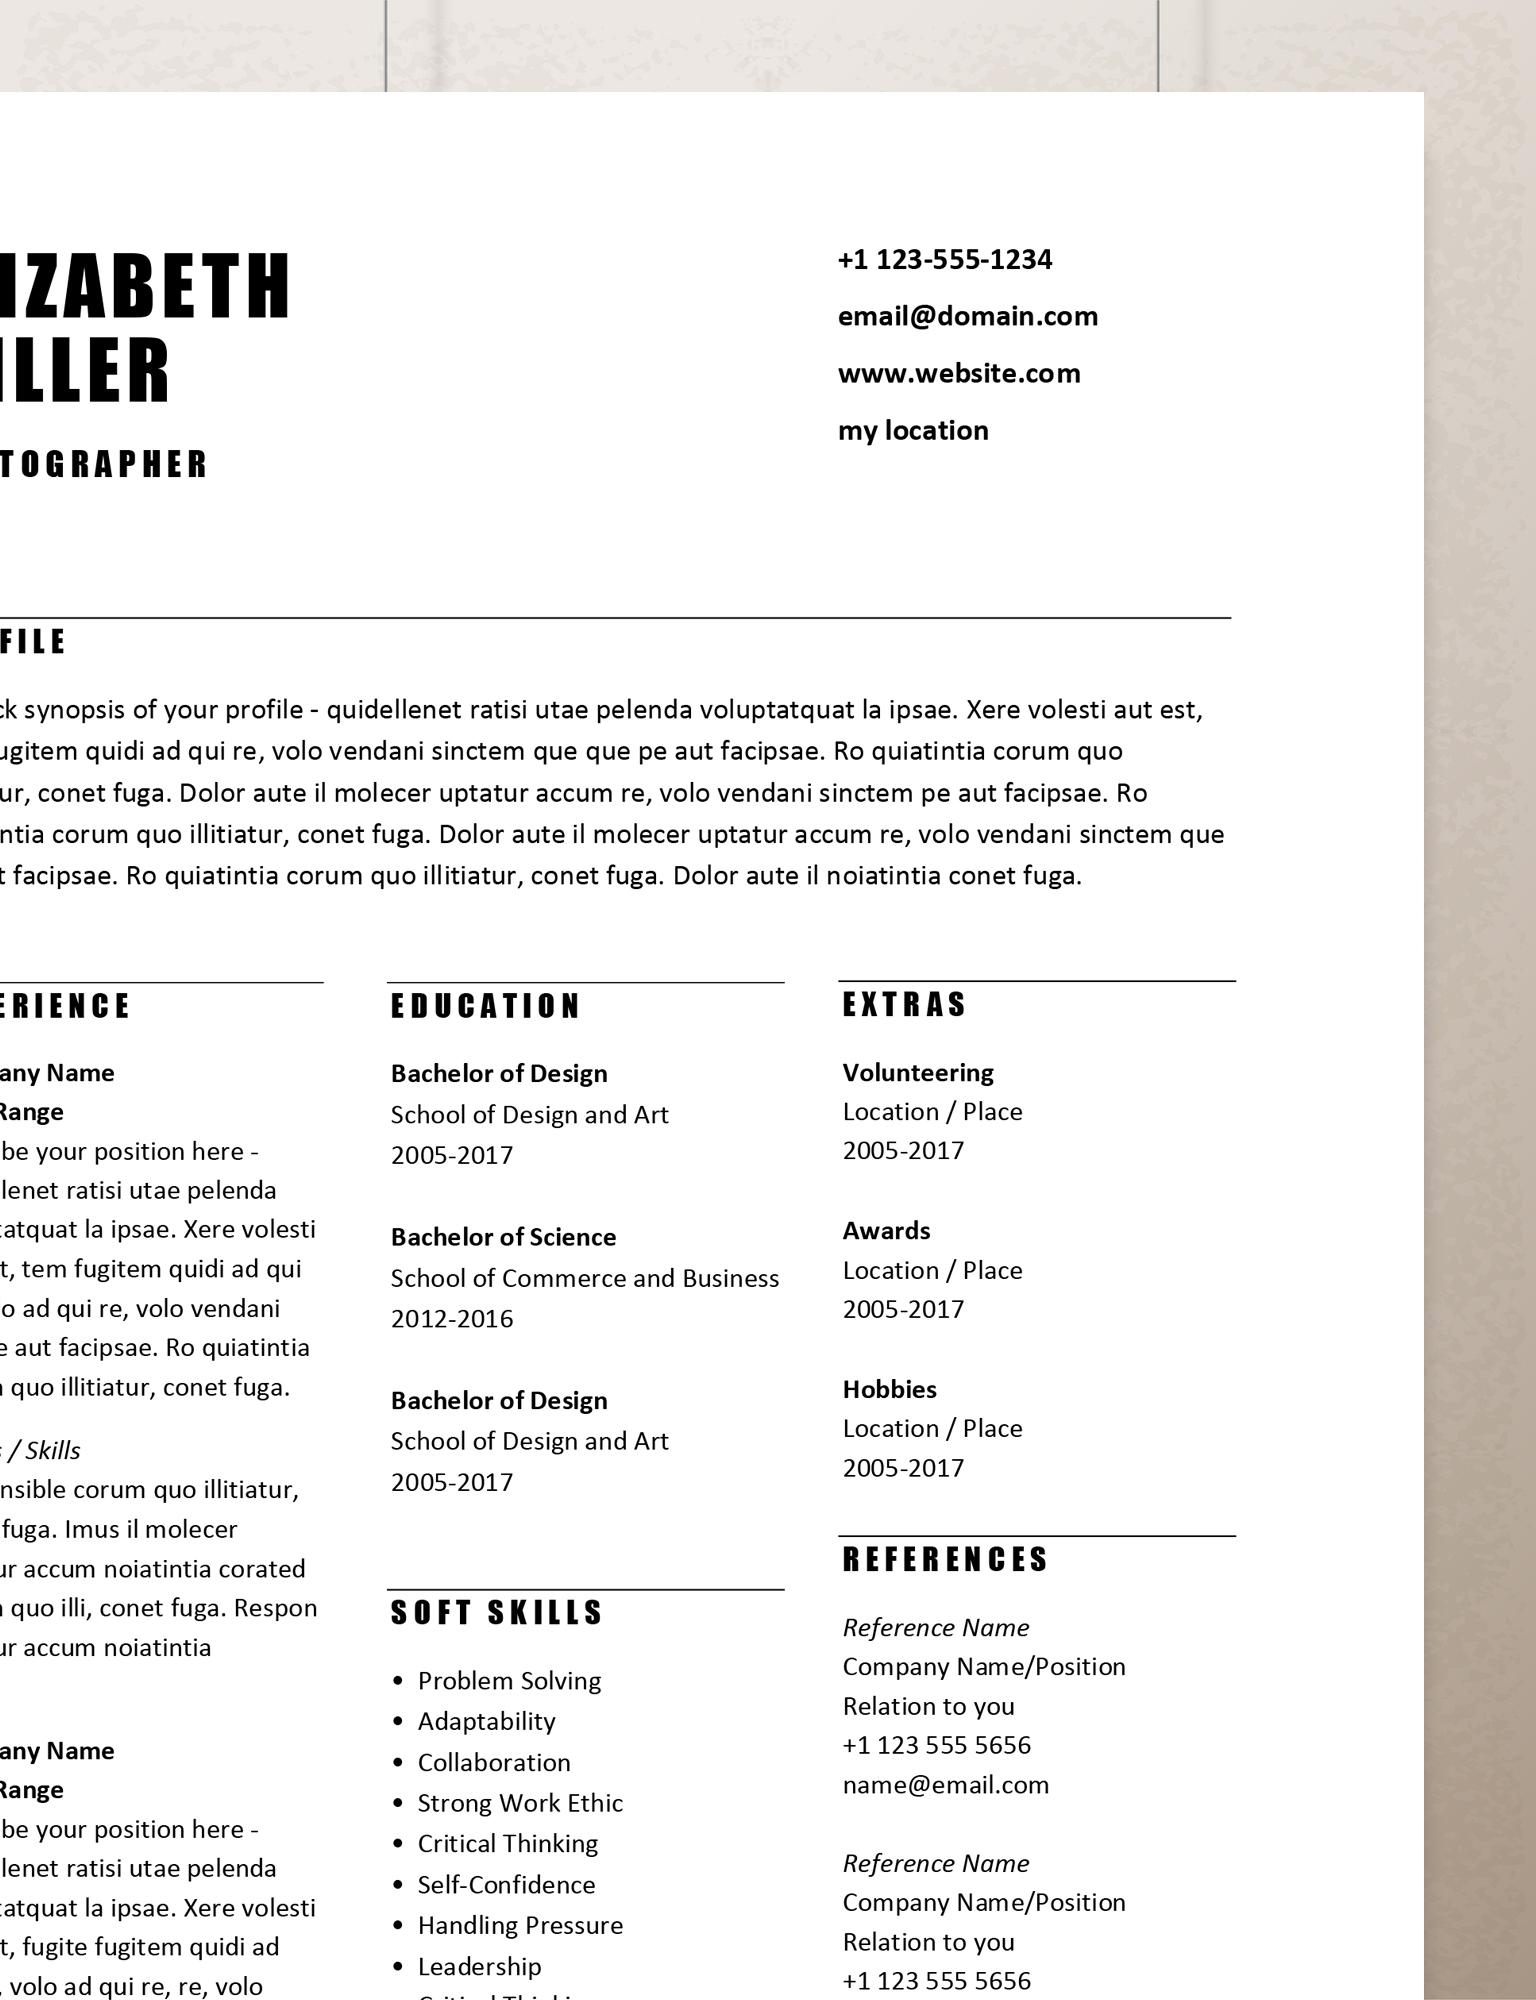 Simple Resume Template Word, Curriculum Vitae